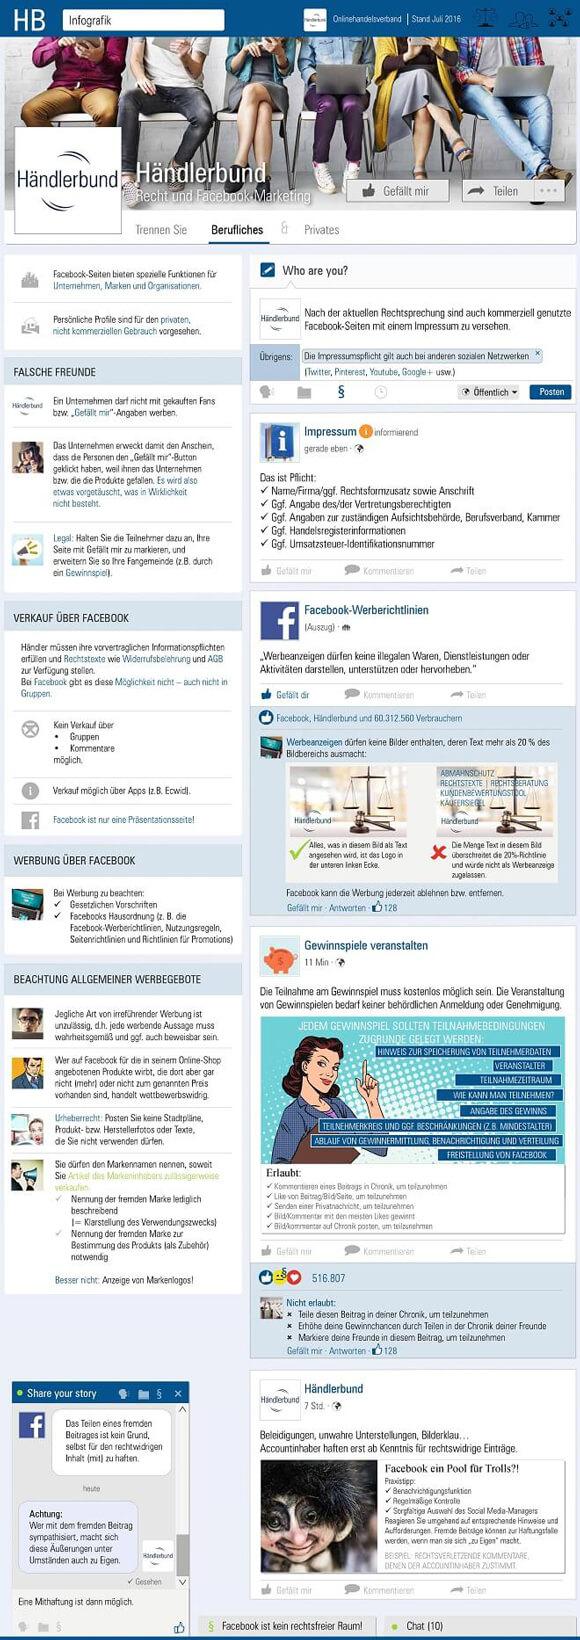 ds-Social_Media_Recht-k